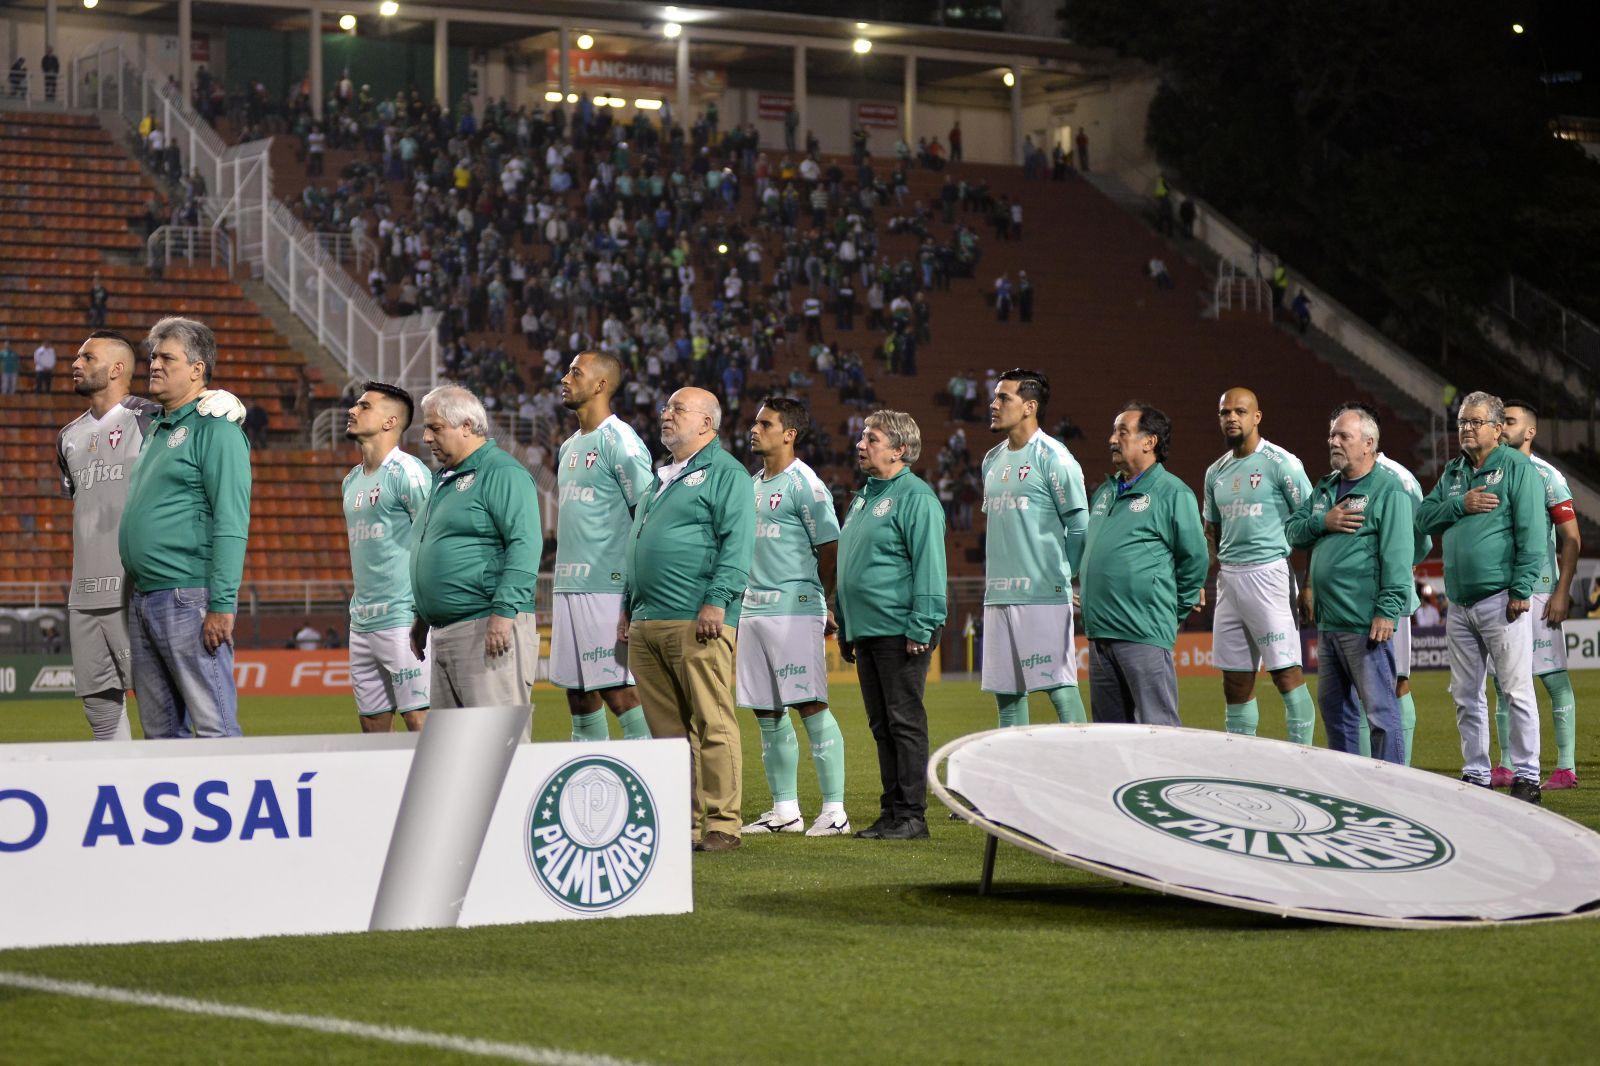 Bruno Ulivieri/Divulgação_Os sócios-torcedores entraram em campo com os jogadores para a execução do Hino Nacional